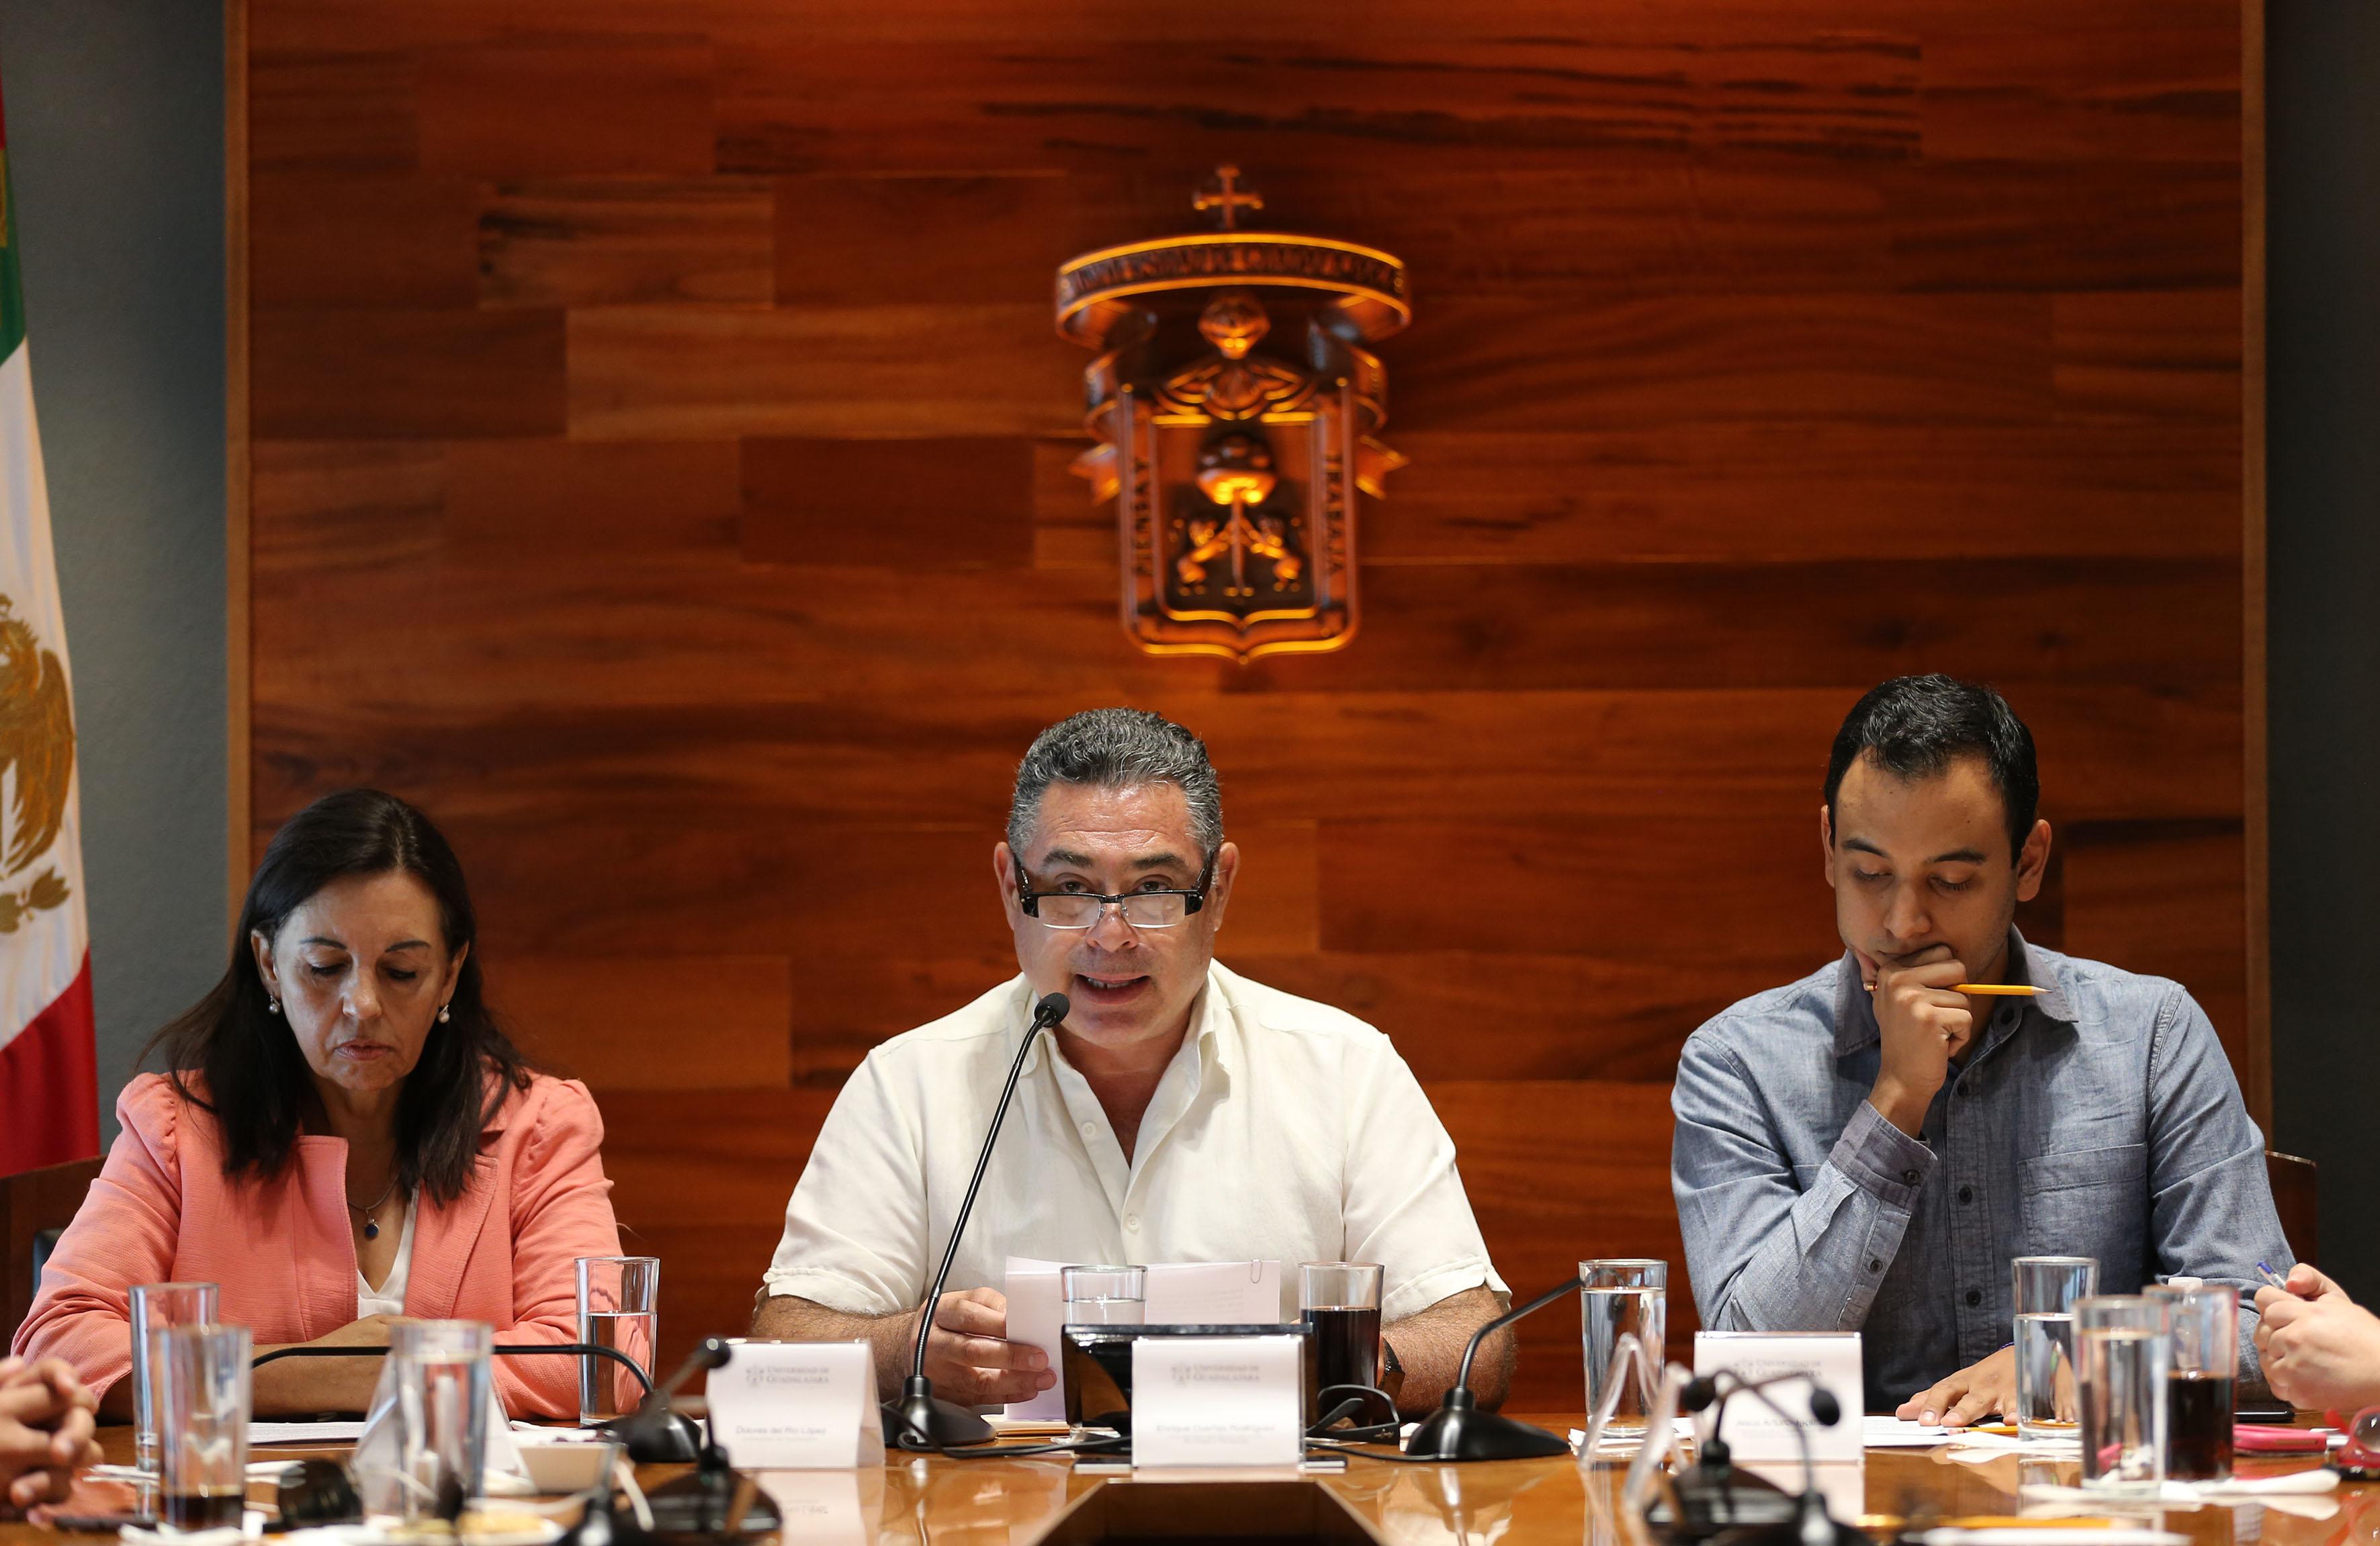 Enrique Dueñas Rodríguez, coordinador del observatorio, haciendo uso de la palabra